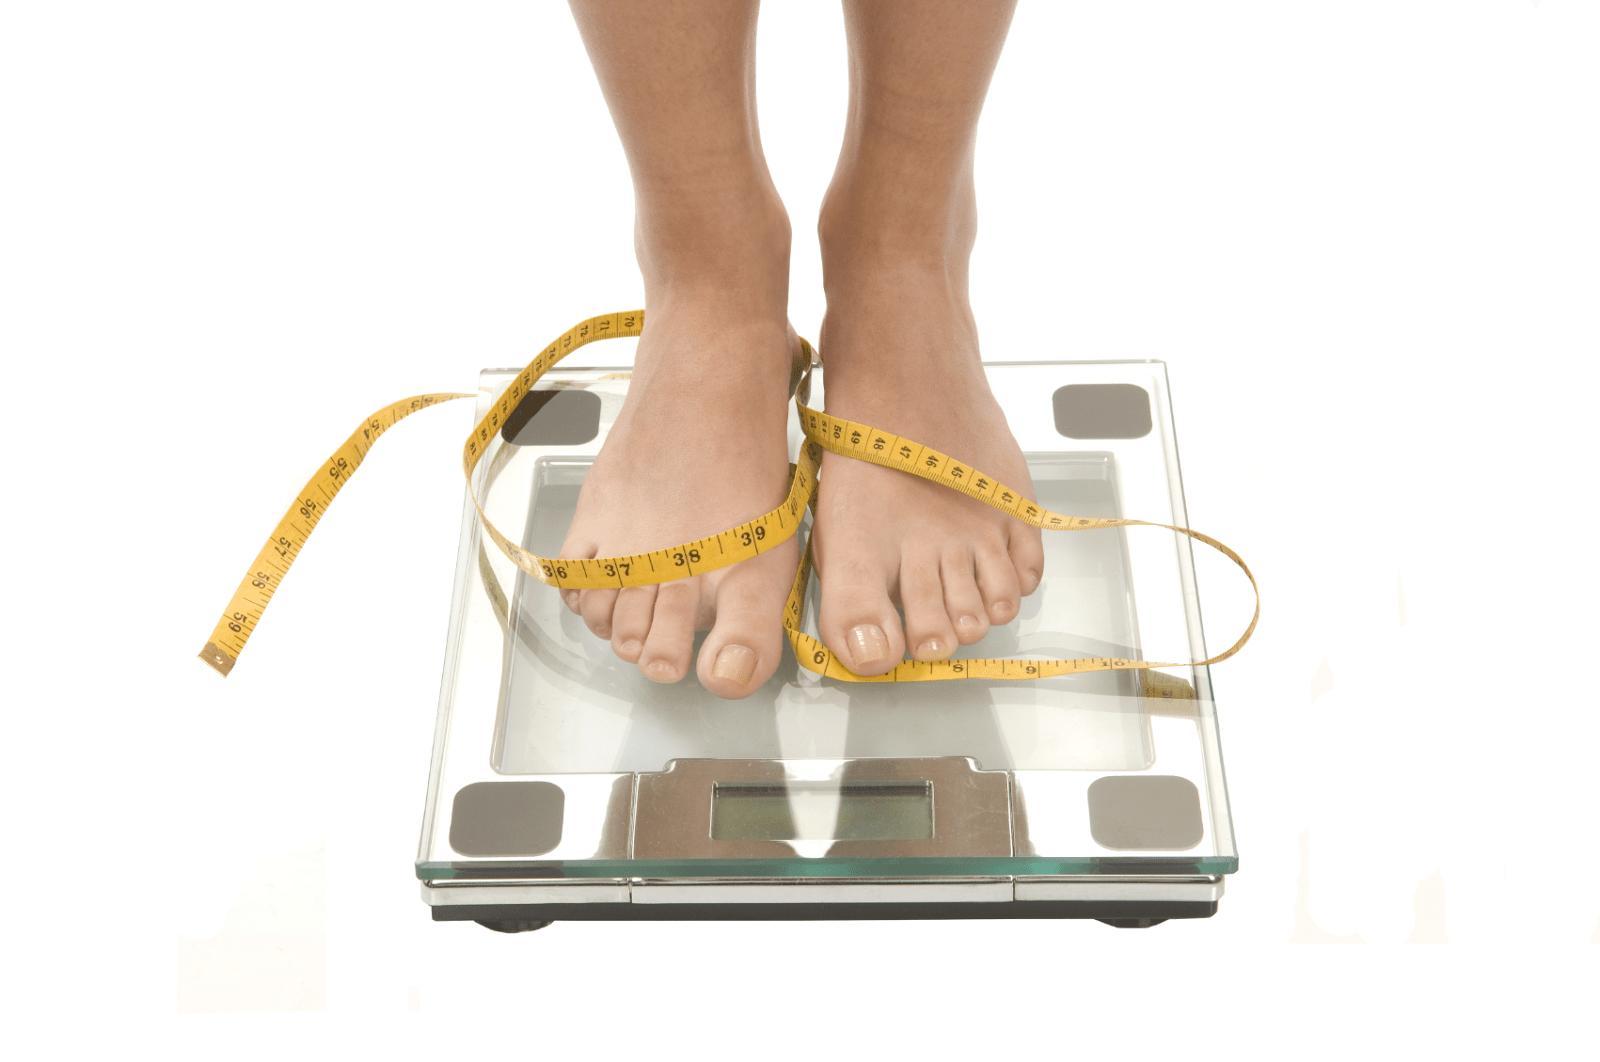 pot călcâi înalte să vă ajute să pierdeți în greutate)